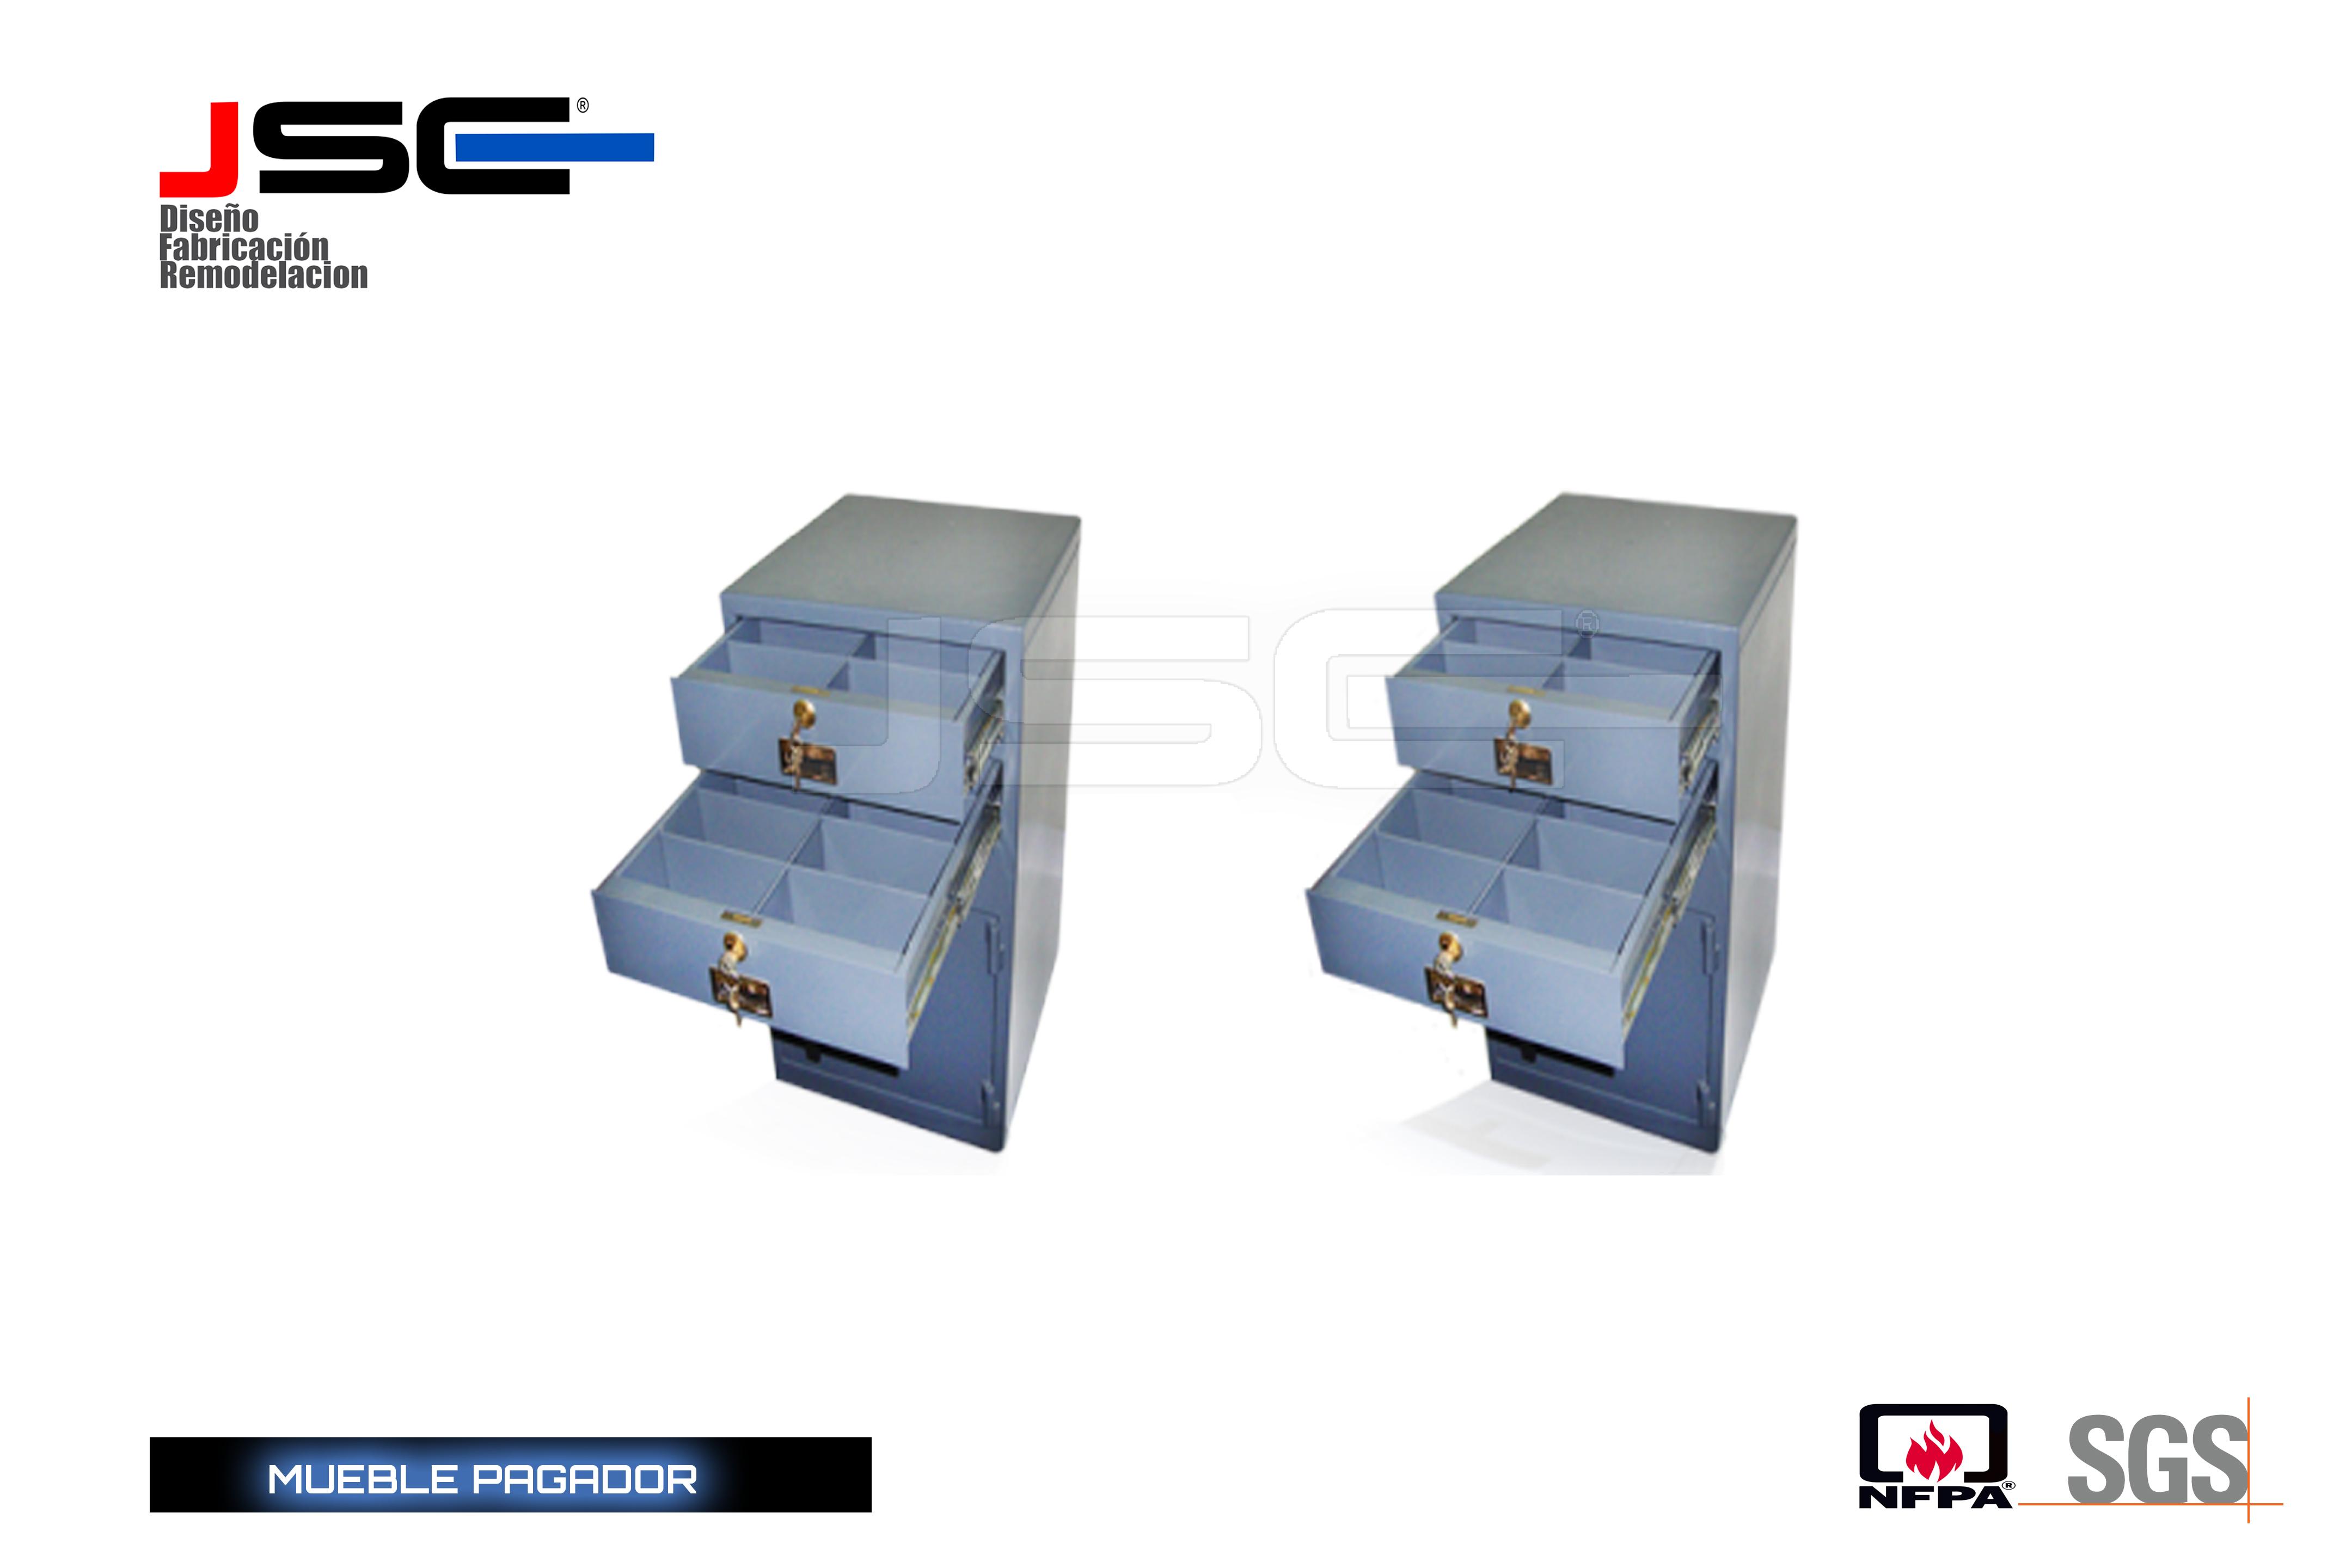 Mueble pagador JSC004